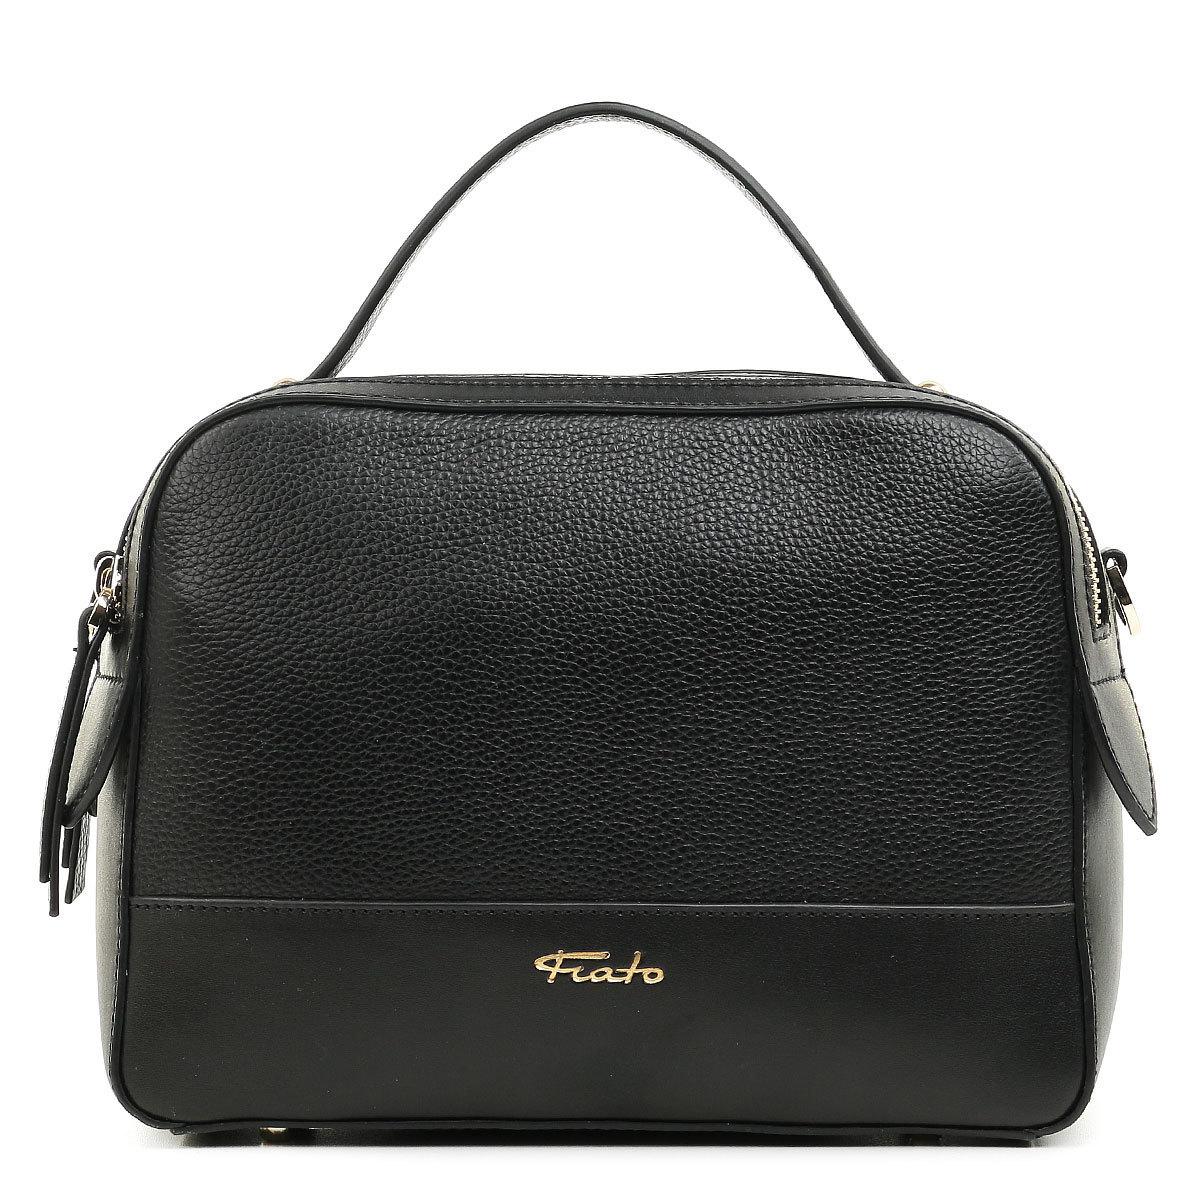 5433 Fiato  кожа черный  (сумка женская)